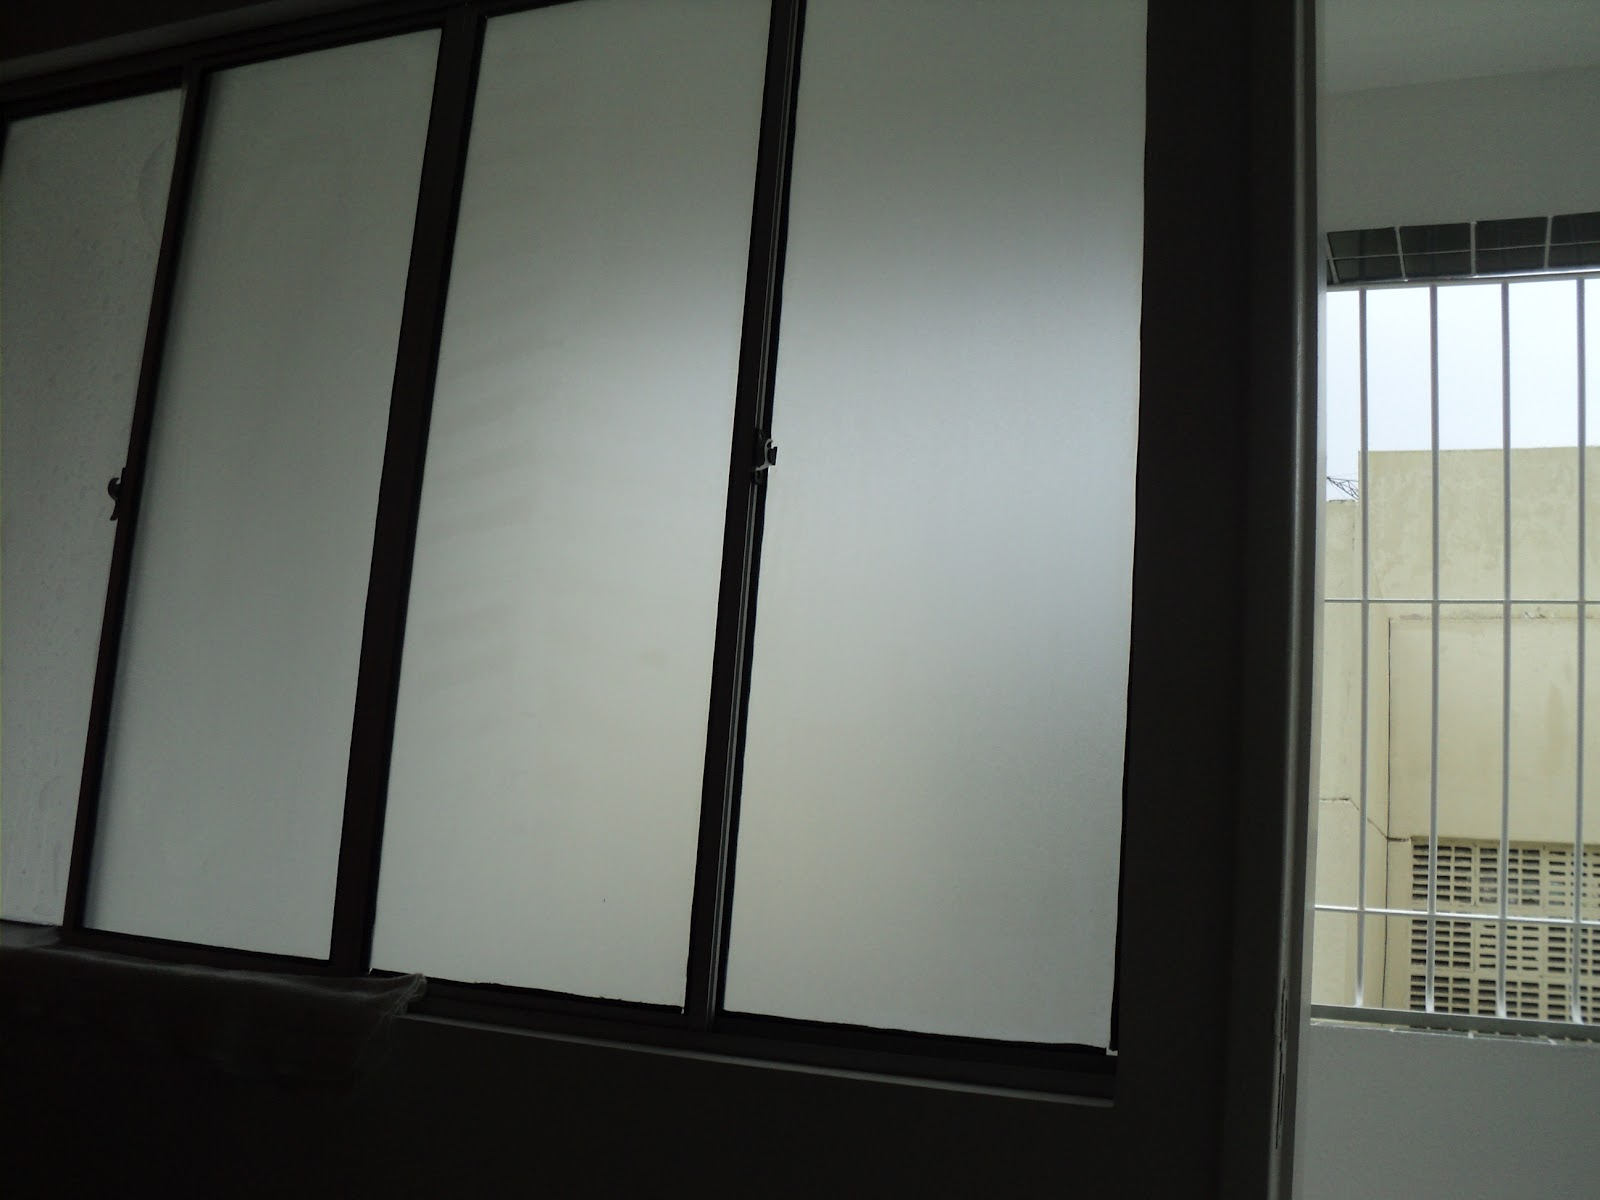 #717457  adesivo jateado em janela (efeito de vidro fosco) em Camaragibe 3508 Adesivo Janela Privacidade